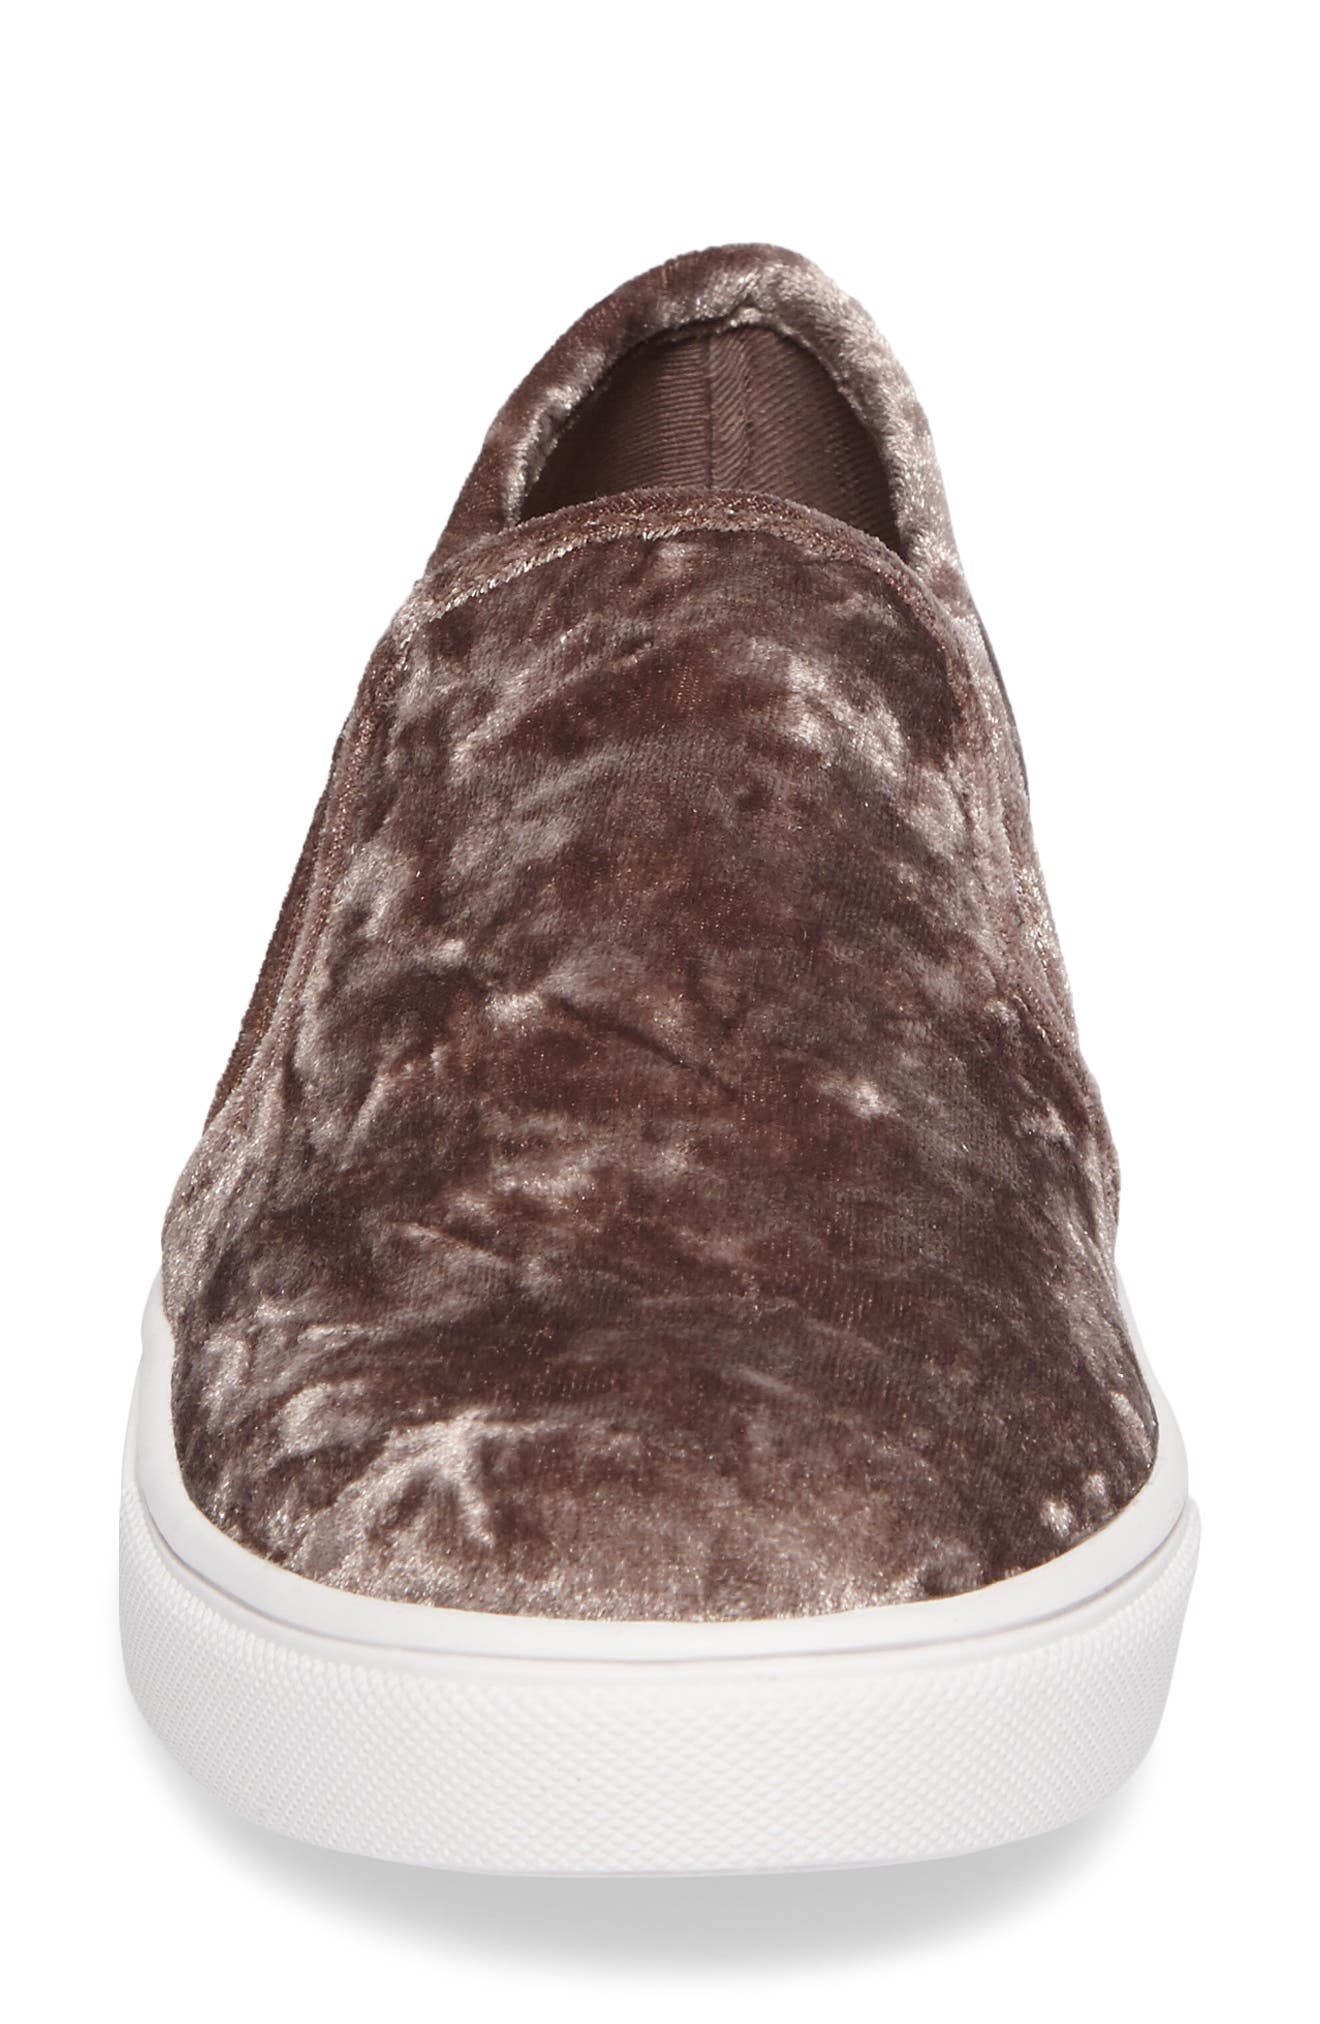 Ecntrcv Slip-On Sneaker,                             Alternate thumbnail 19, color,